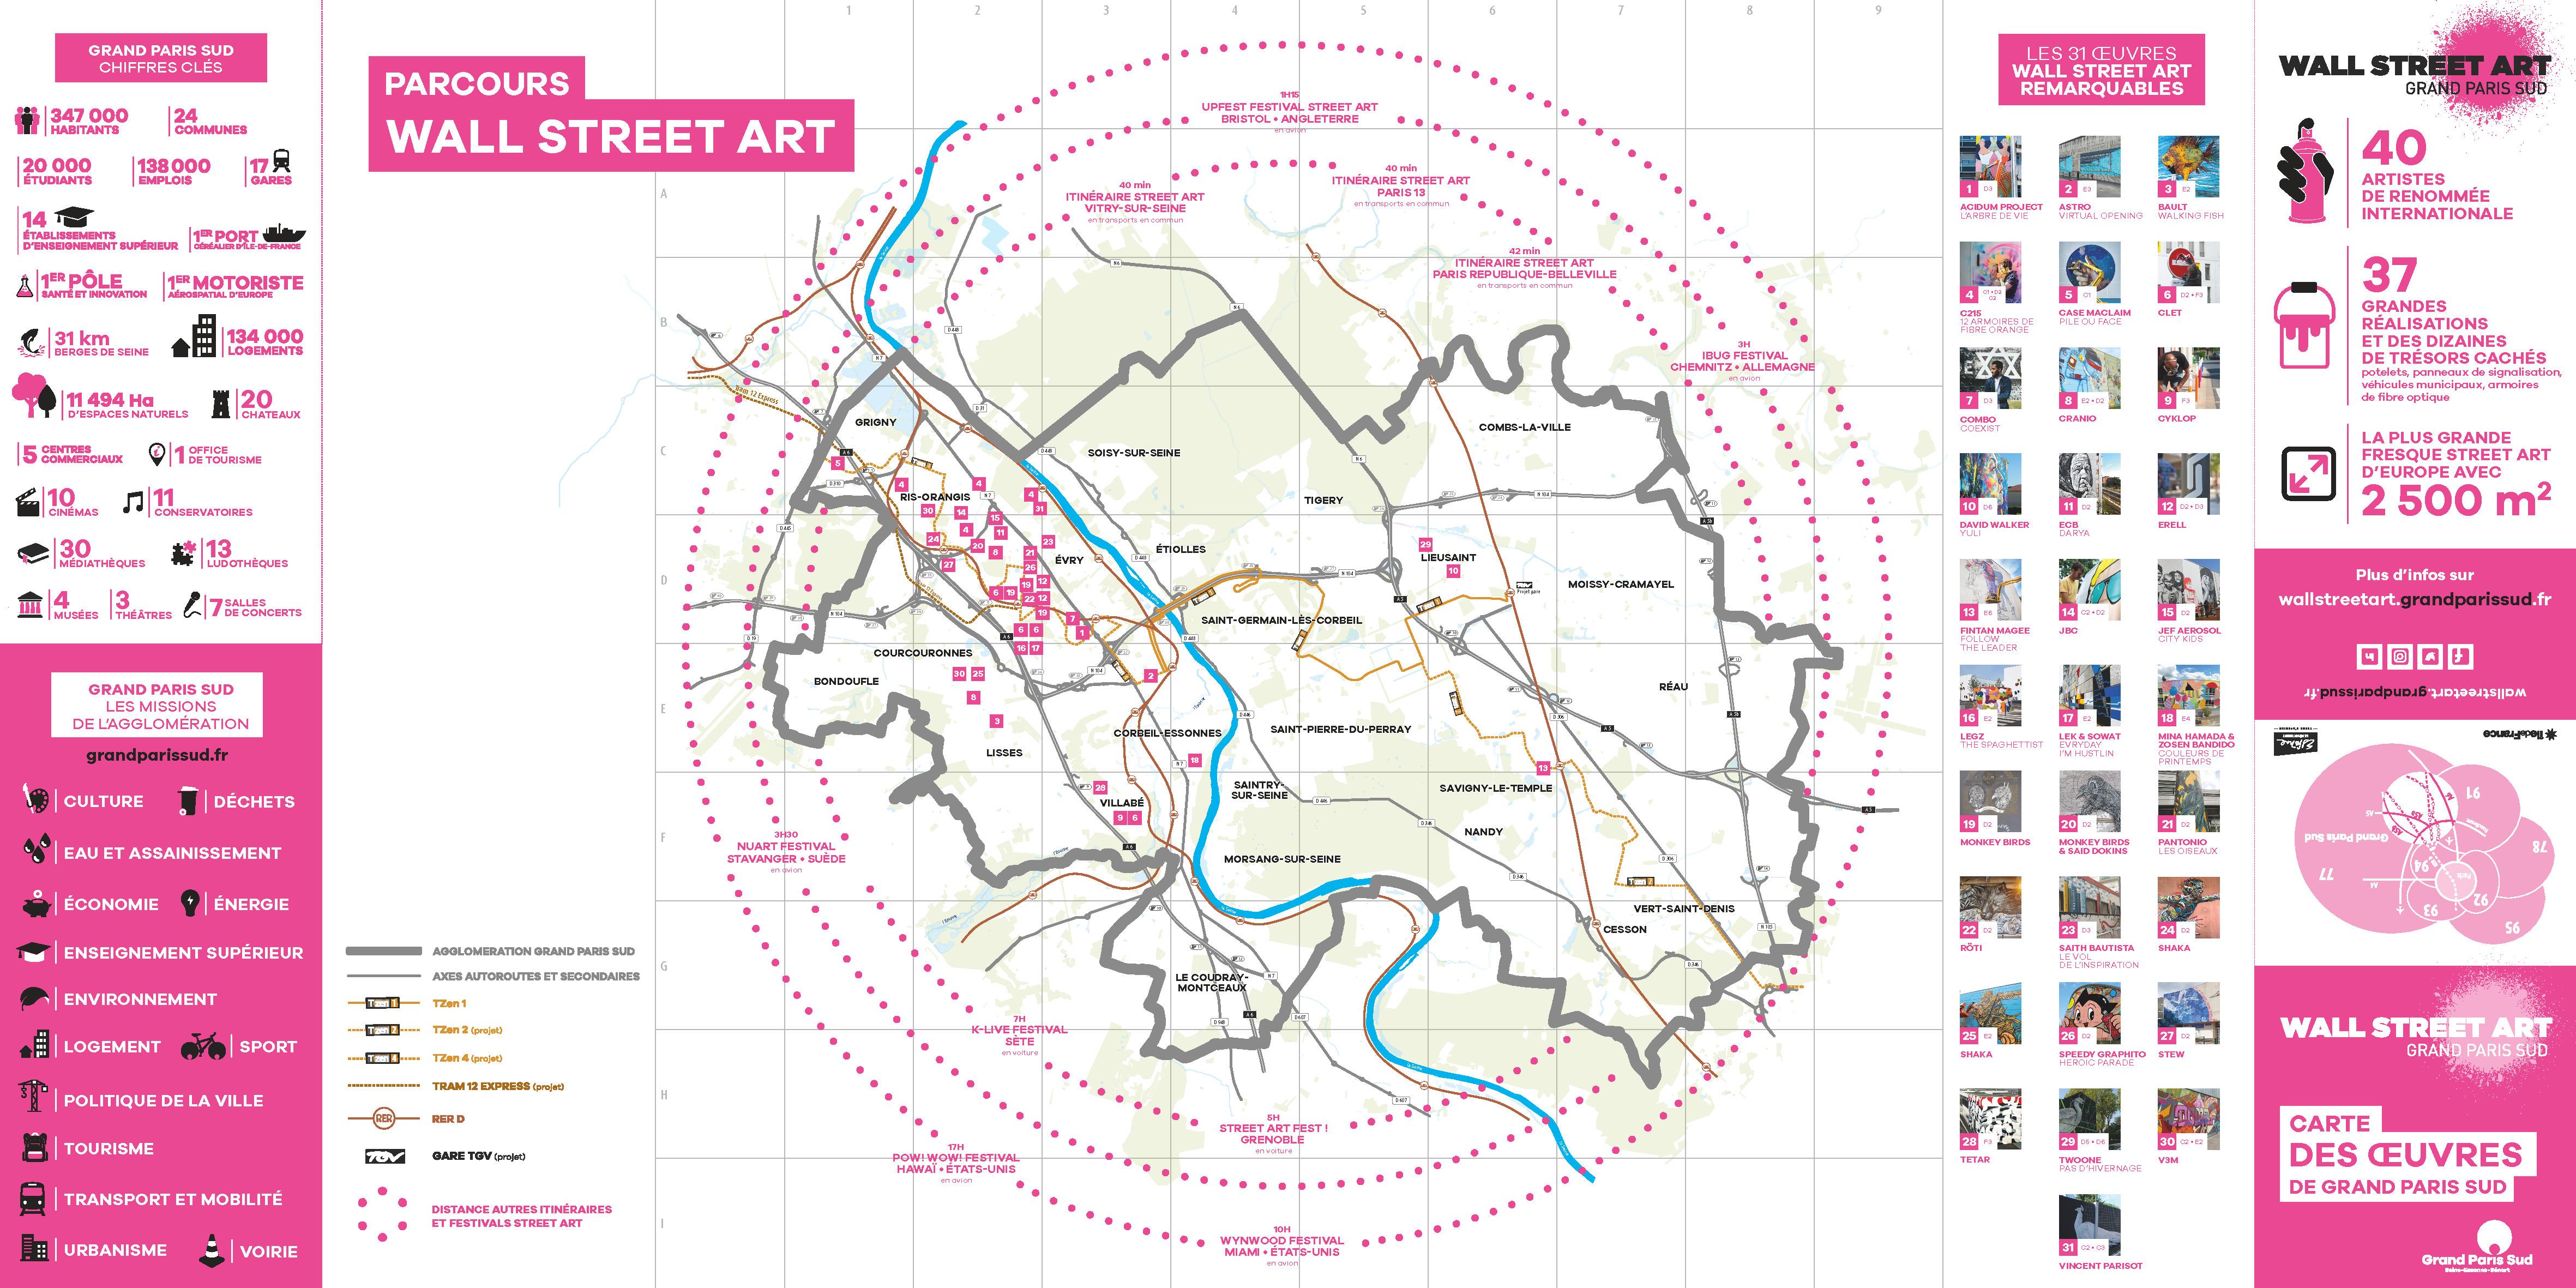 Carte Essonne Pdf.La Carte Des Oeuvres Wall Street Art De Grand Paris Sud Est